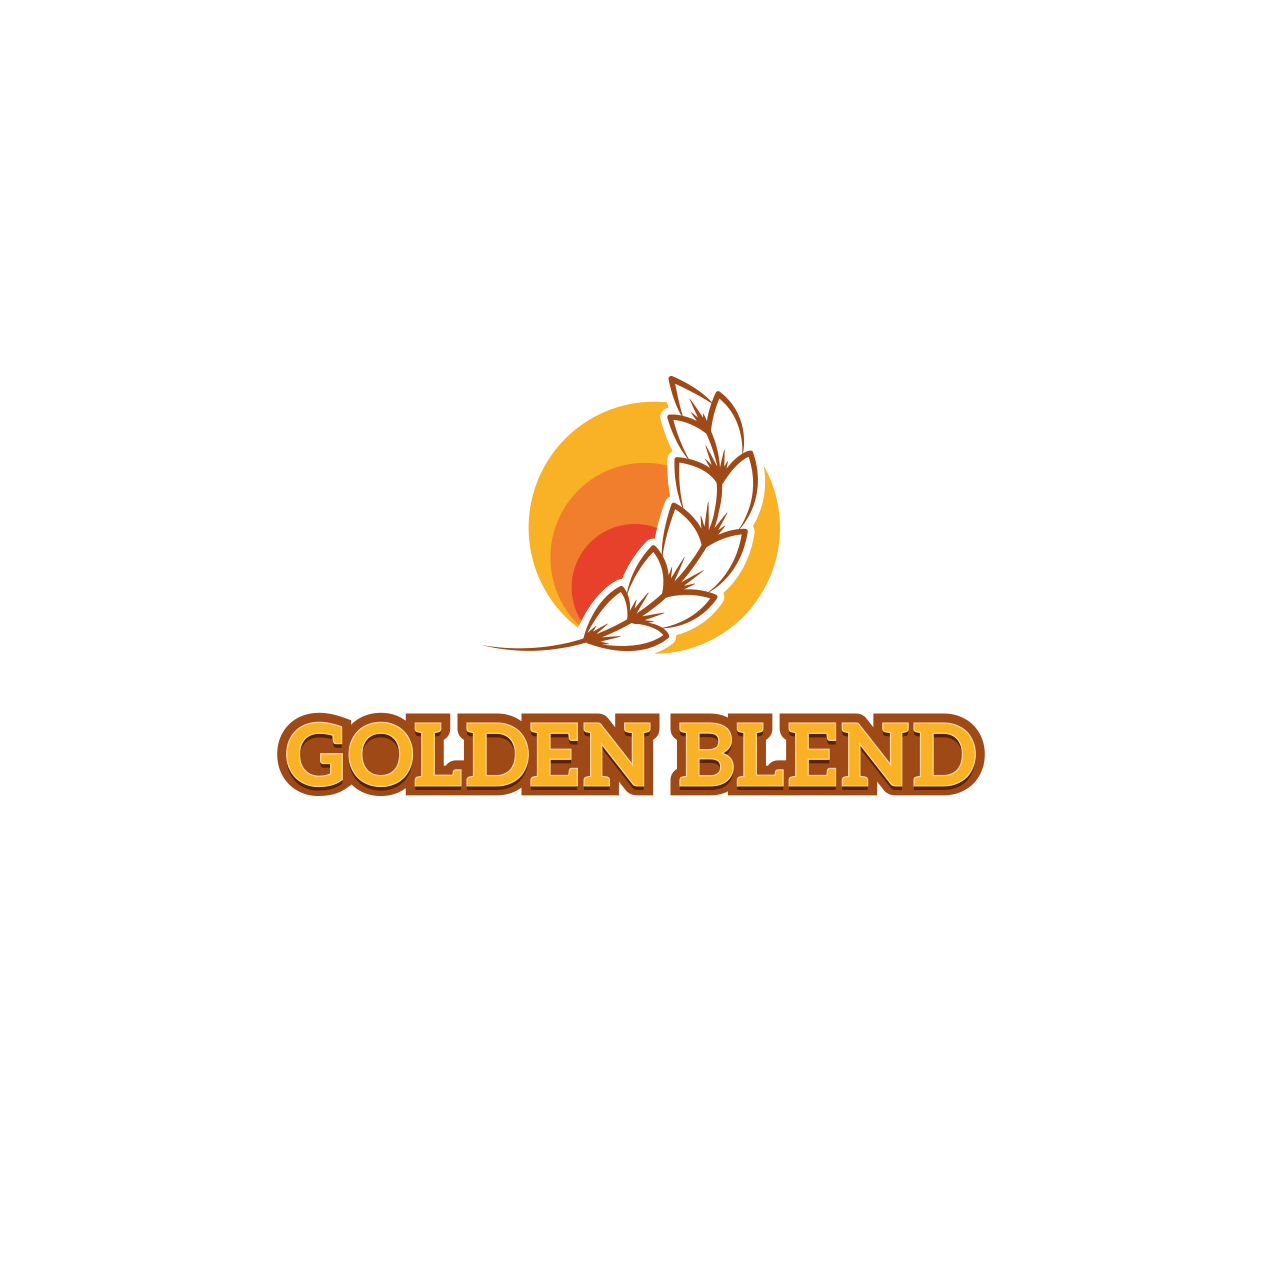 c03-golden-blend